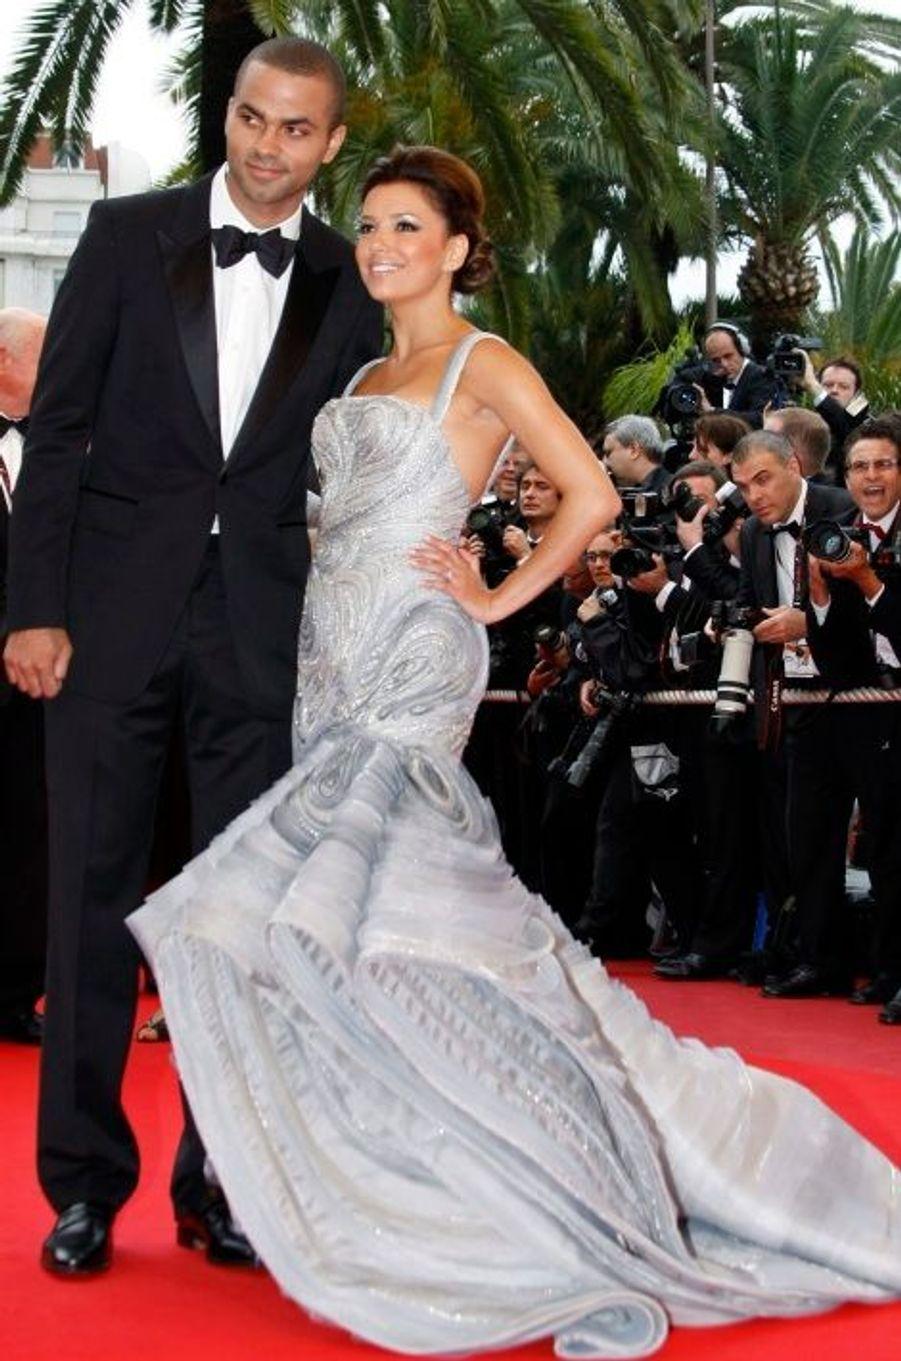 Tony Parker et Eva Longoria, le 7 juillet 2007 à Paris et Vaux-le-Vicomte (Seine-et-Marne)